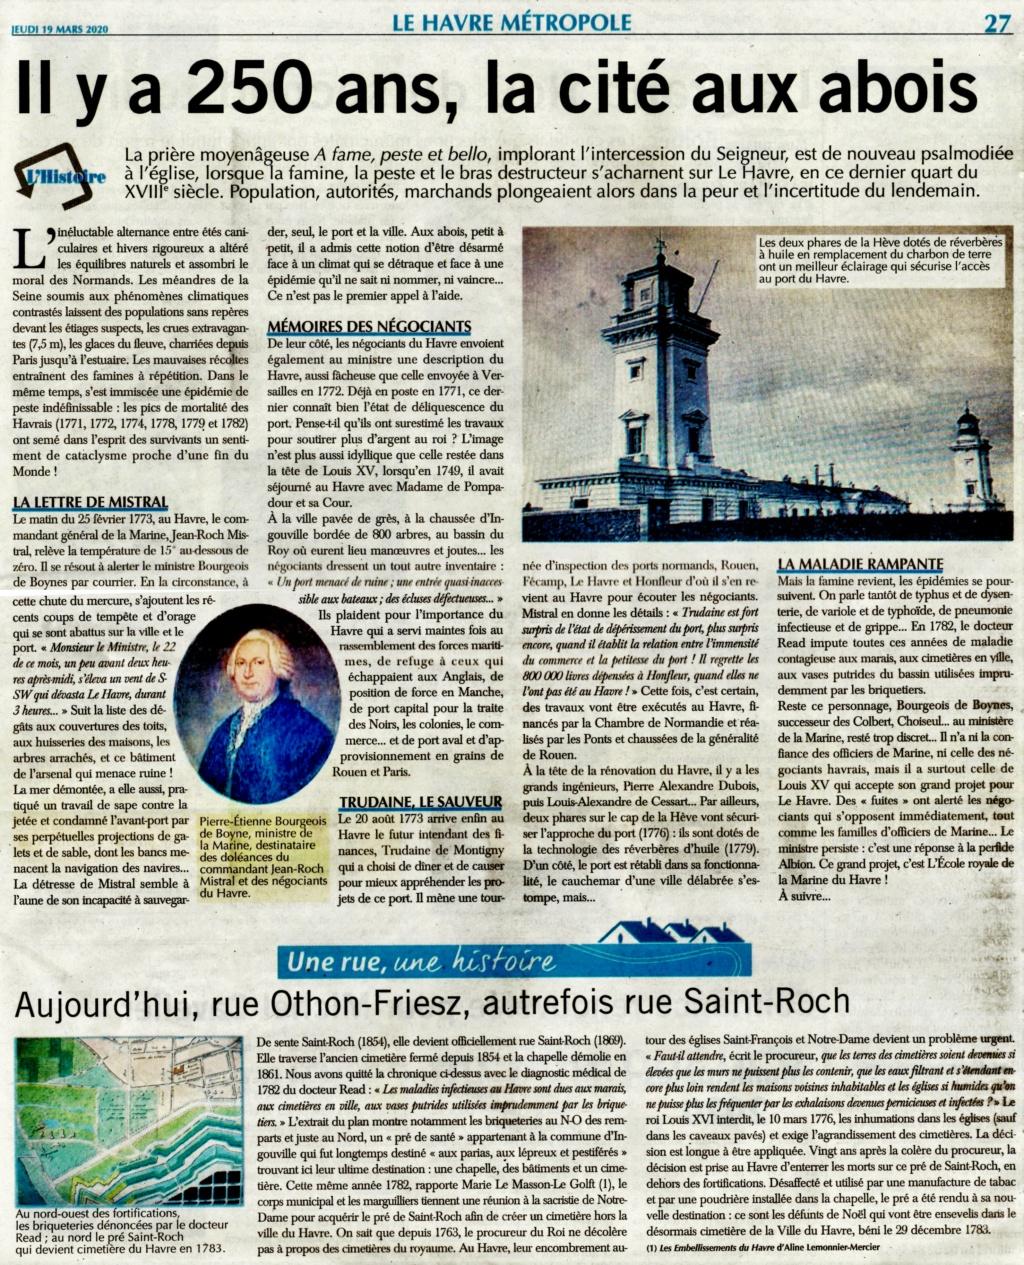 Havre - Le Havre - Rue Othon-Friesz 2020-185